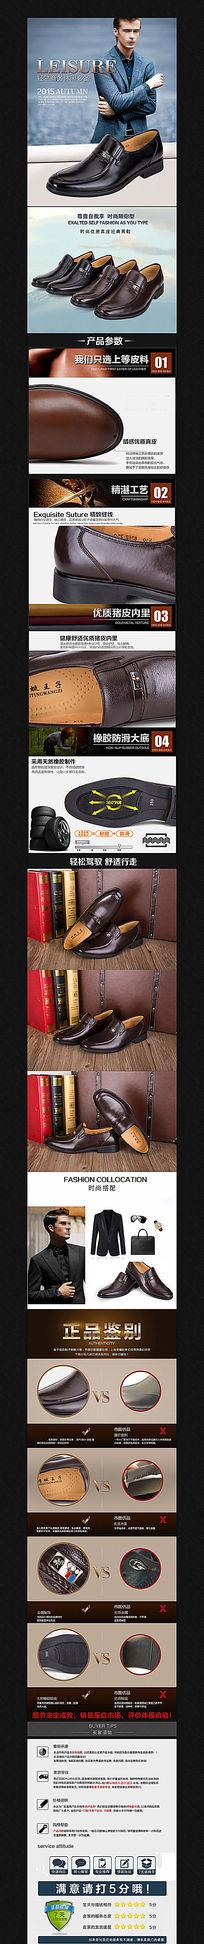 淘宝男士休闲鞋详情页描述图